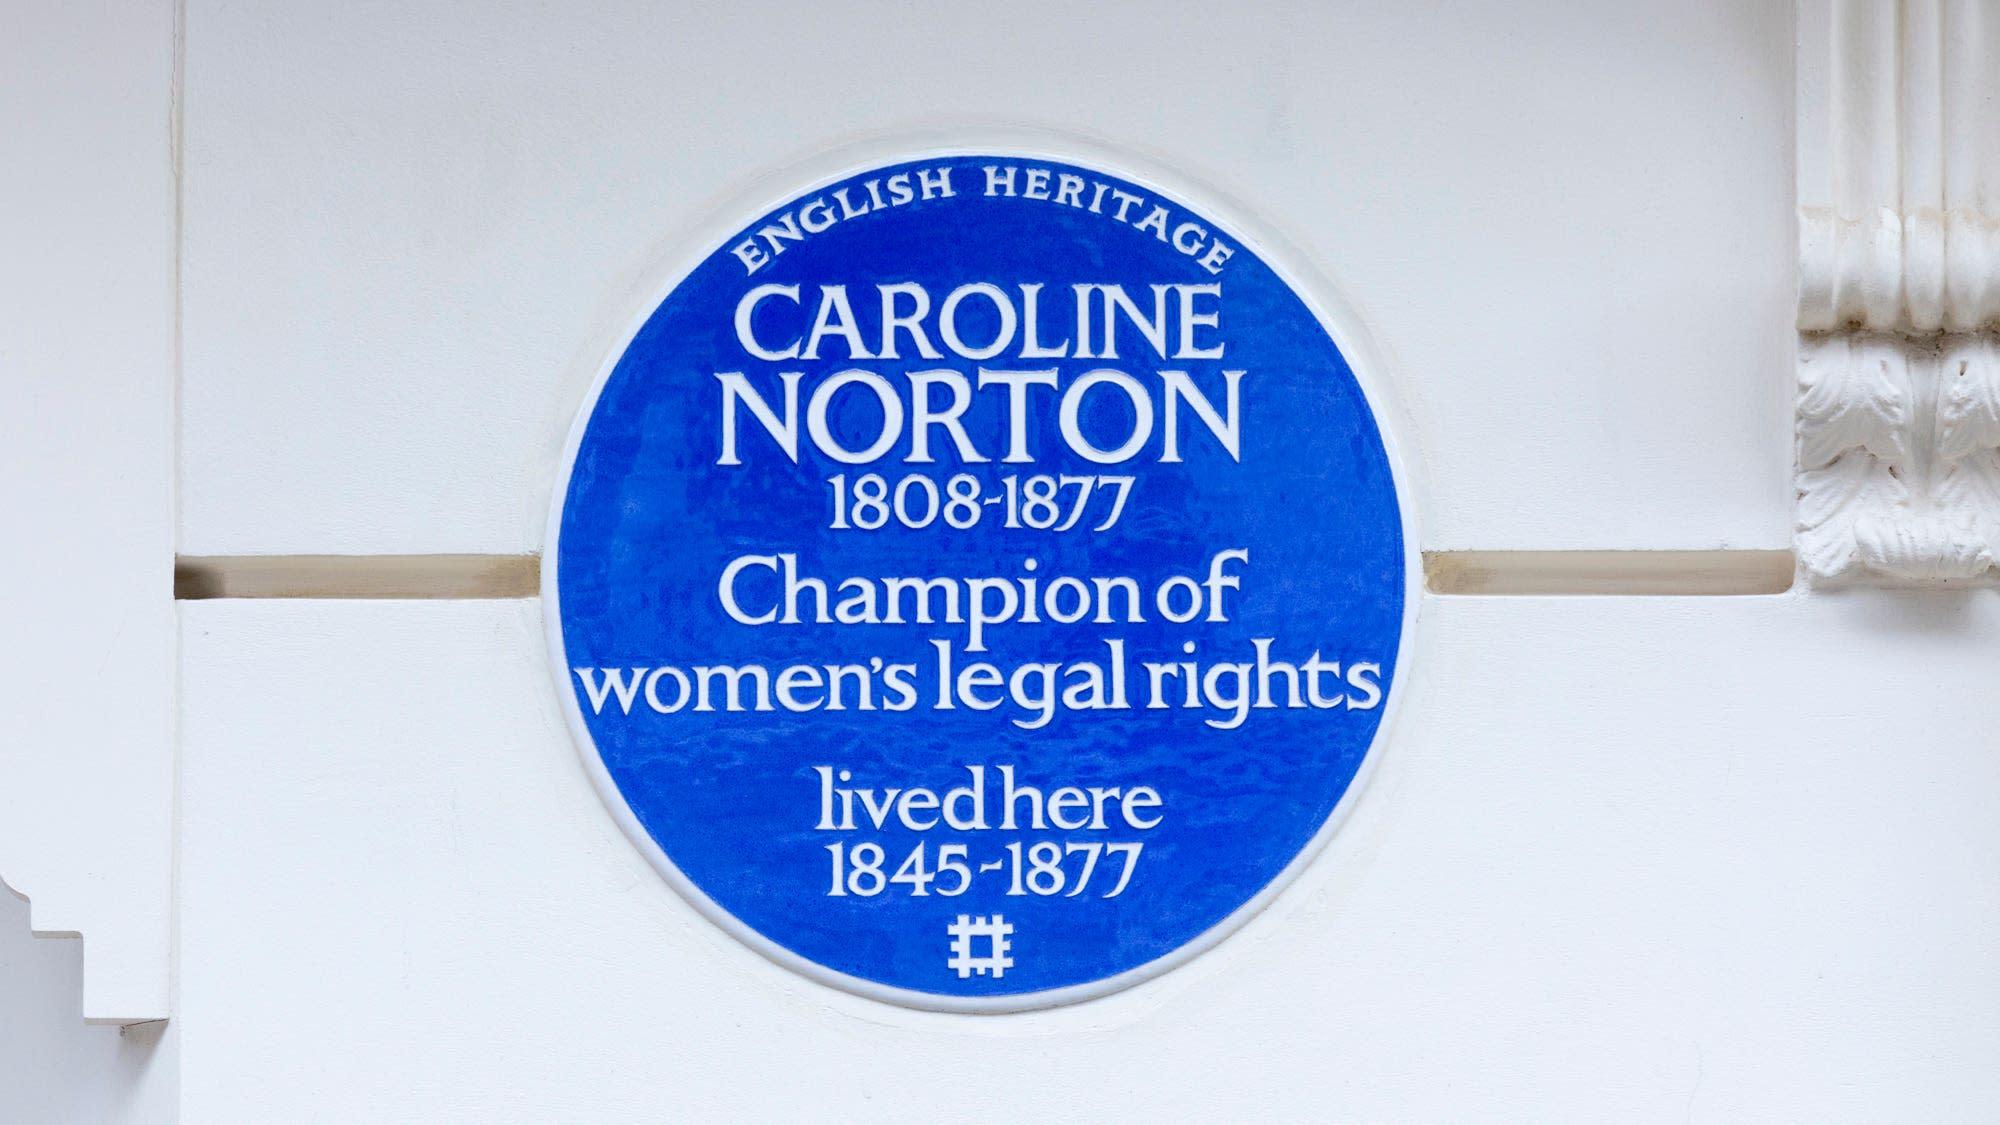 English Heritage unveils blue plaque commemorating campaigner Caroline Norton